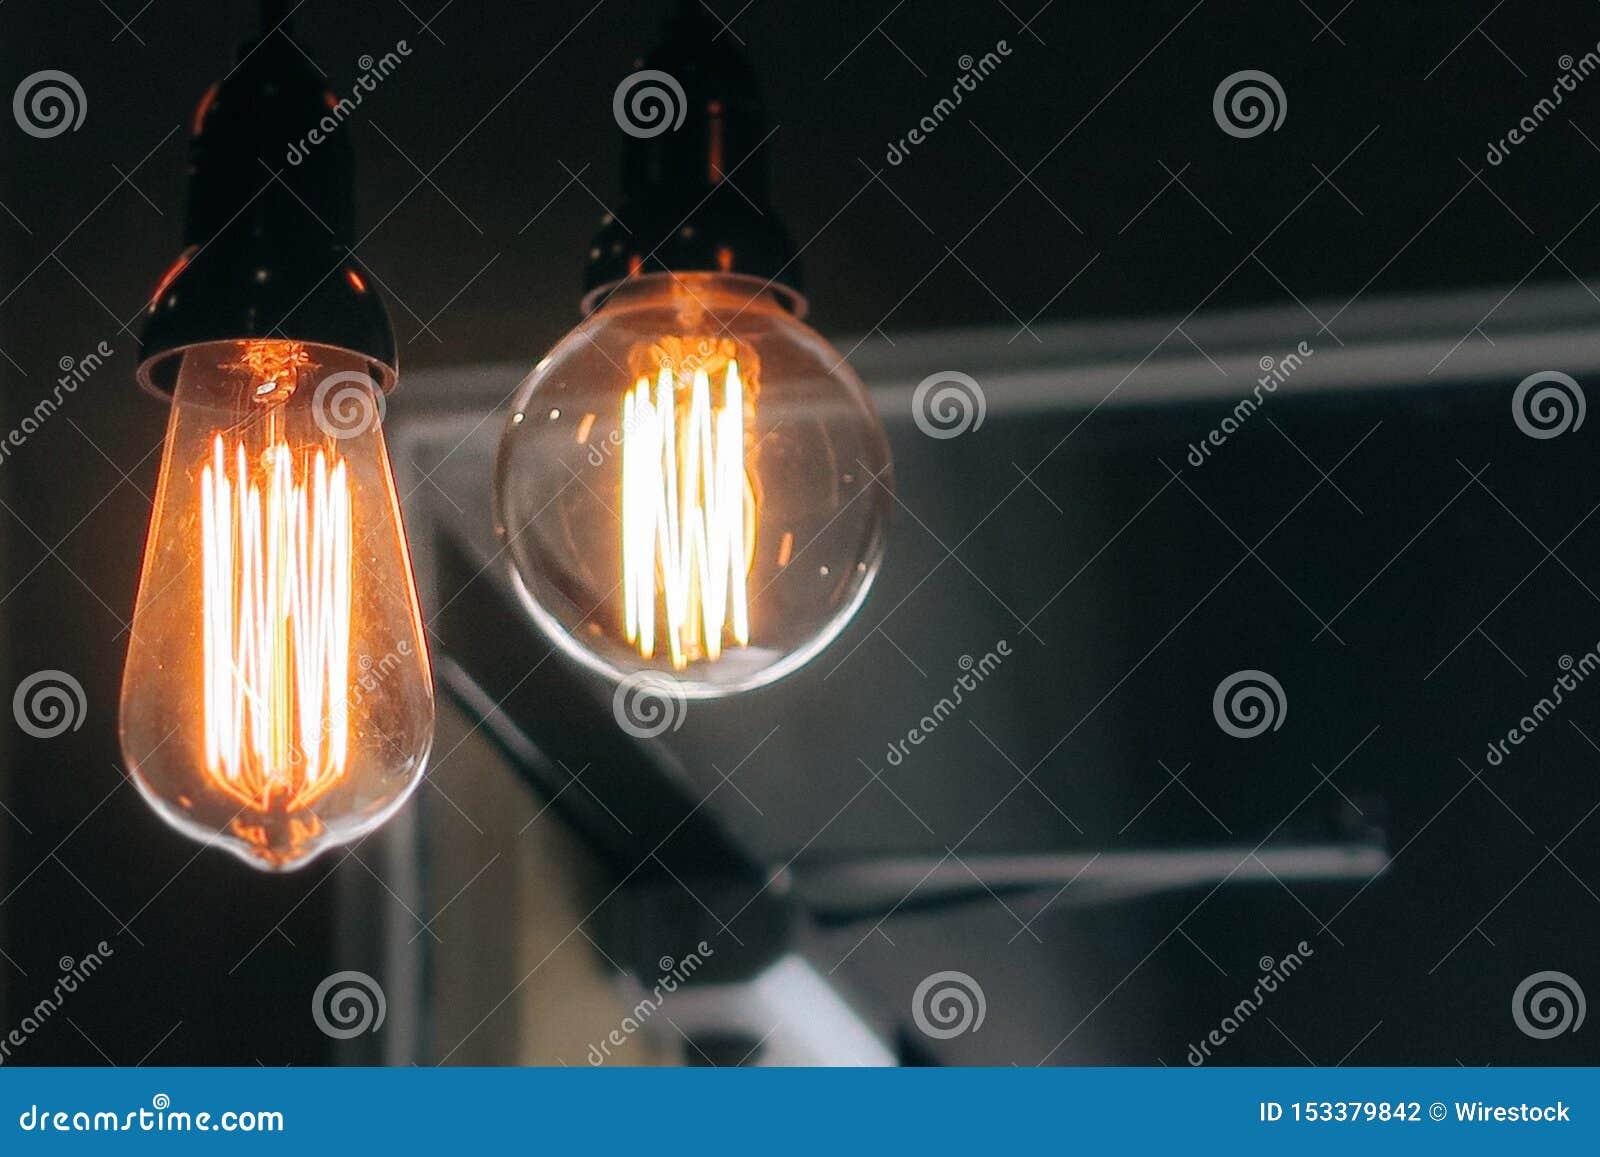 Le plan rapproché tiré de deux a allumé de grandes ampoules sur un fond foncé